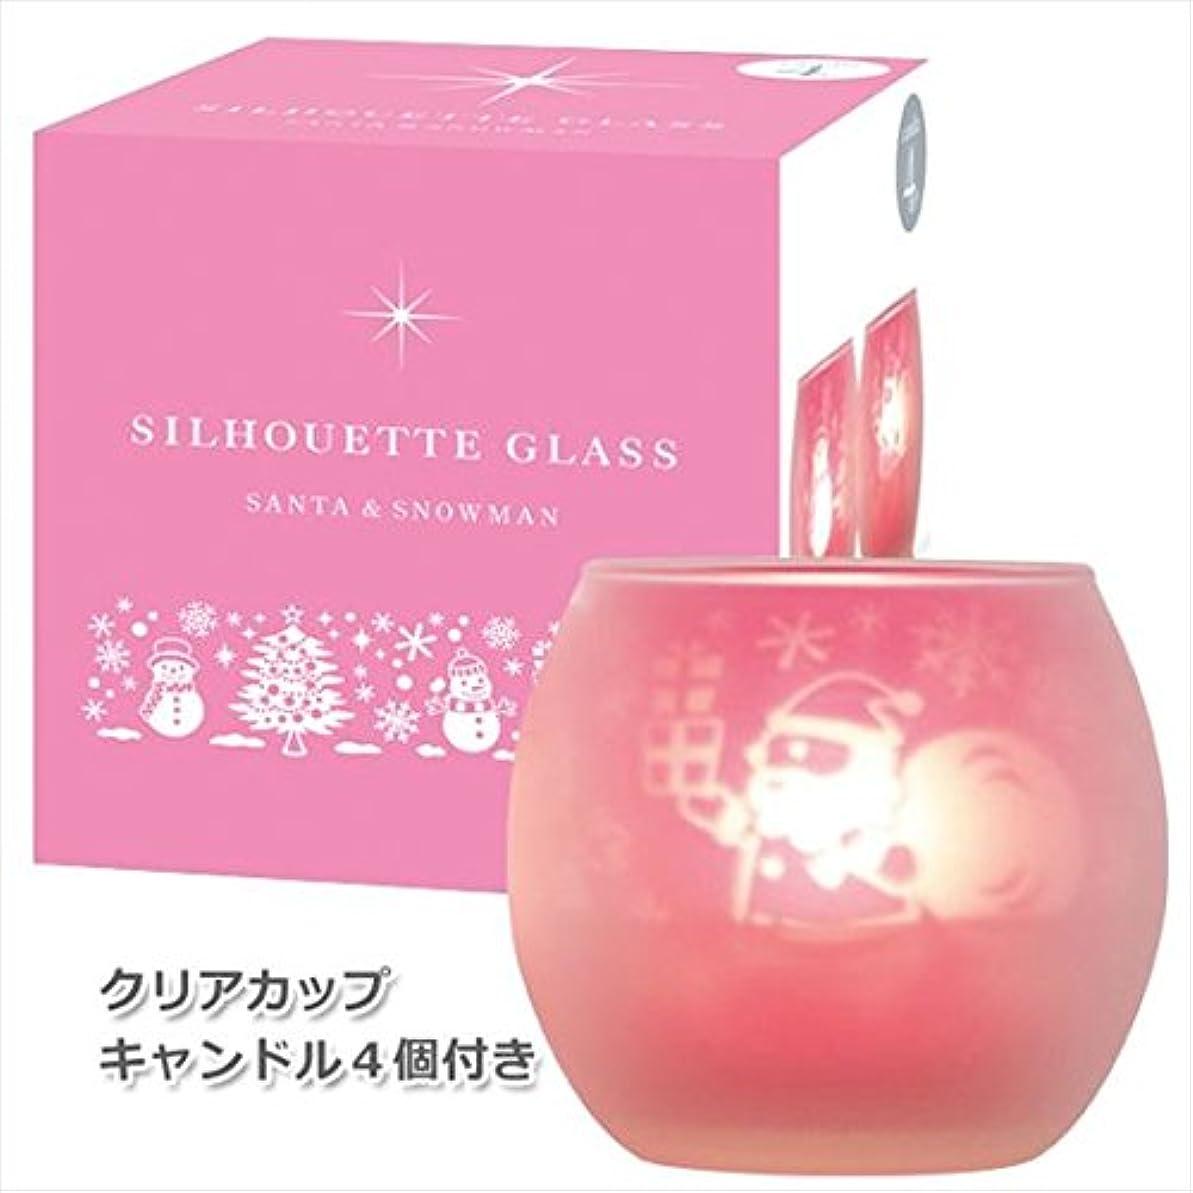 カメヤマキャンドル(kameyama candle) サンタ&スノーマンシルエットグラス【キャンドル4個付き】